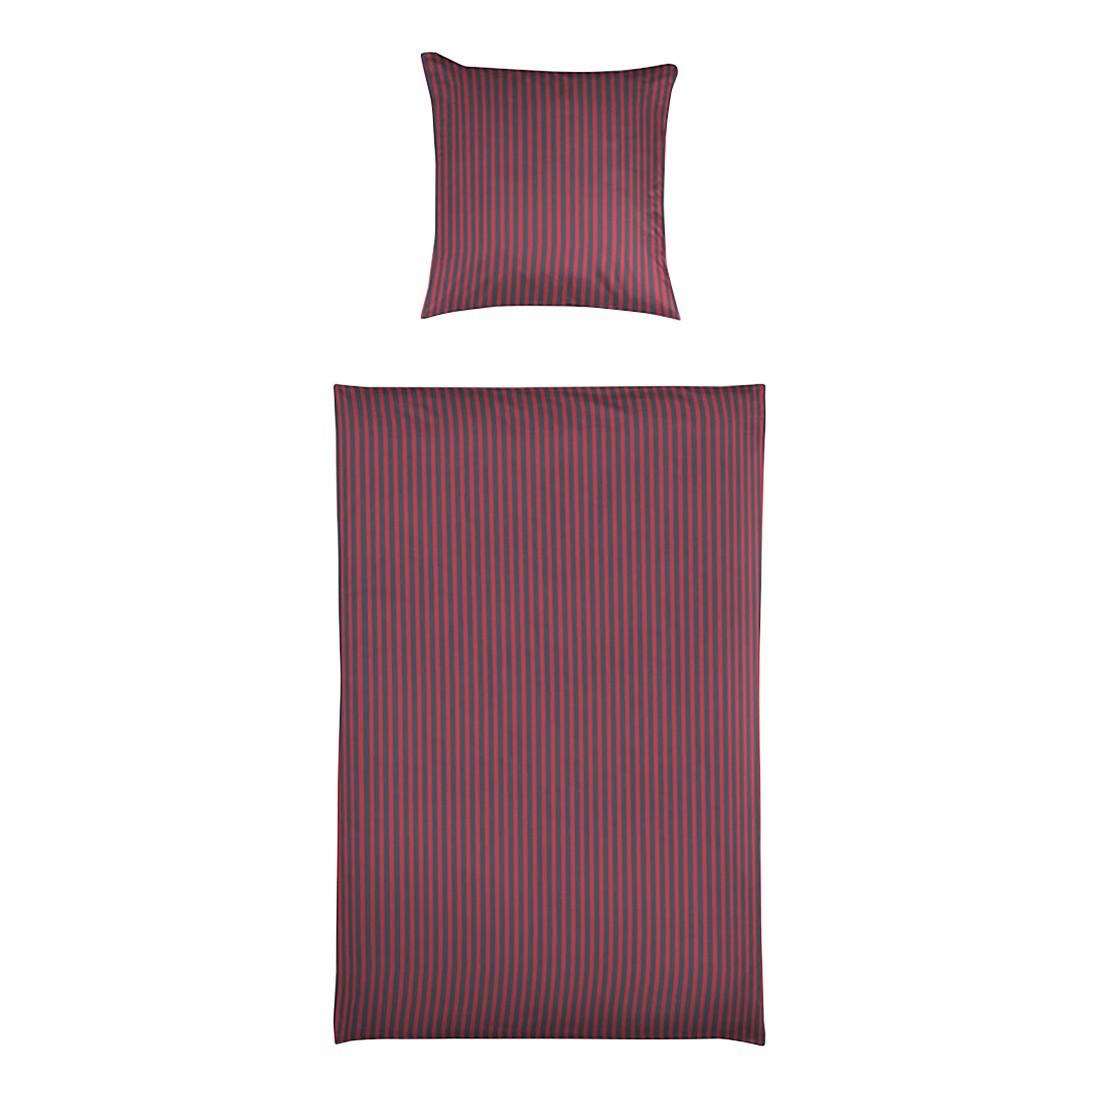 Bettwäsche Small Stripe Rubinrot – Baumwolle – Mehrfarbig – 135X200 cm + 80X80 cm, Yes for bed jetzt kaufen